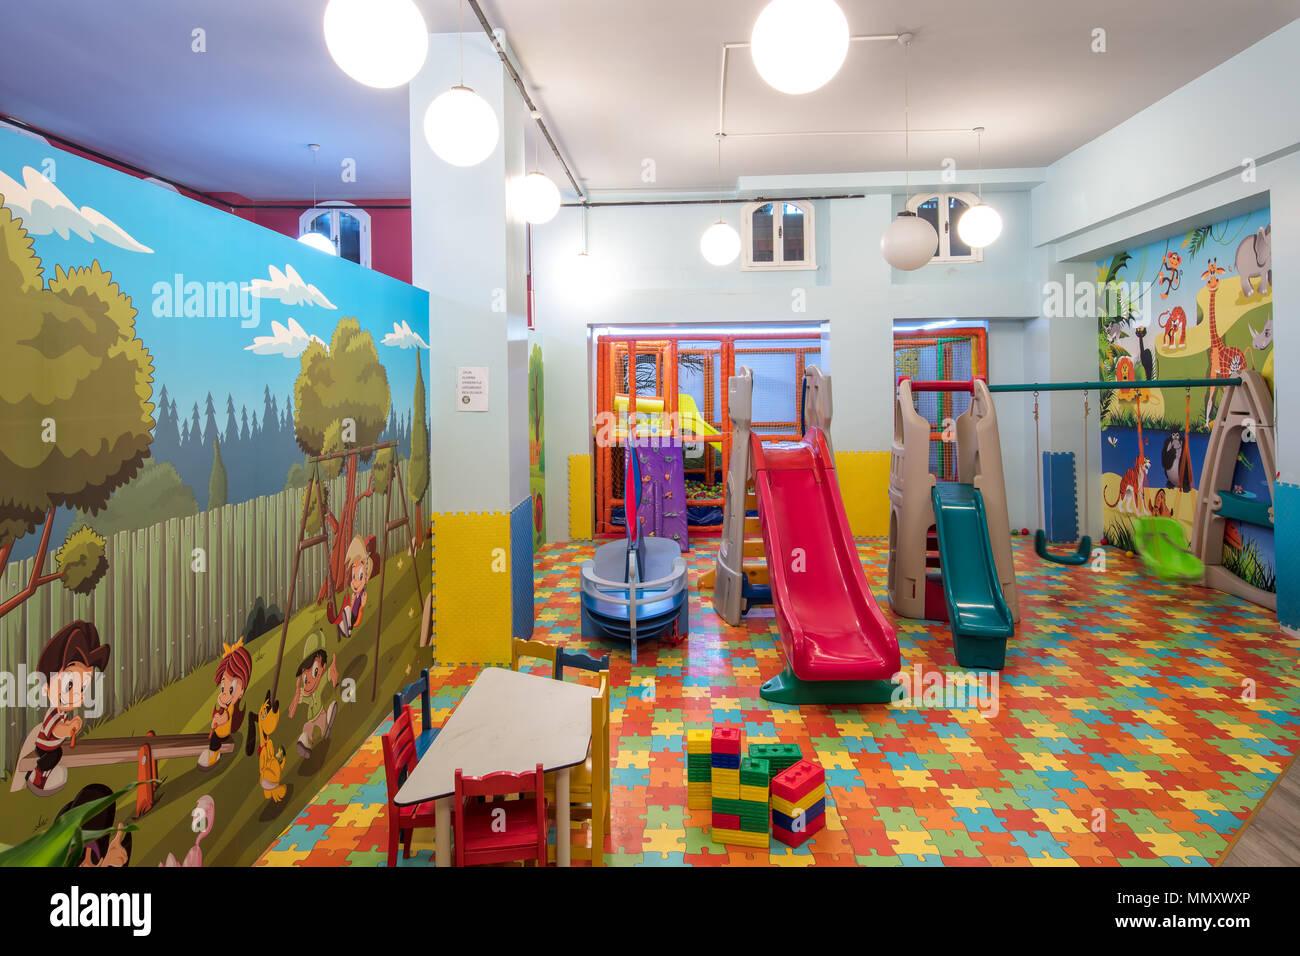 Sala Giochi Per Bambini : Istanbul turchia 30 aprile 2018; parco giochi per bambini nel